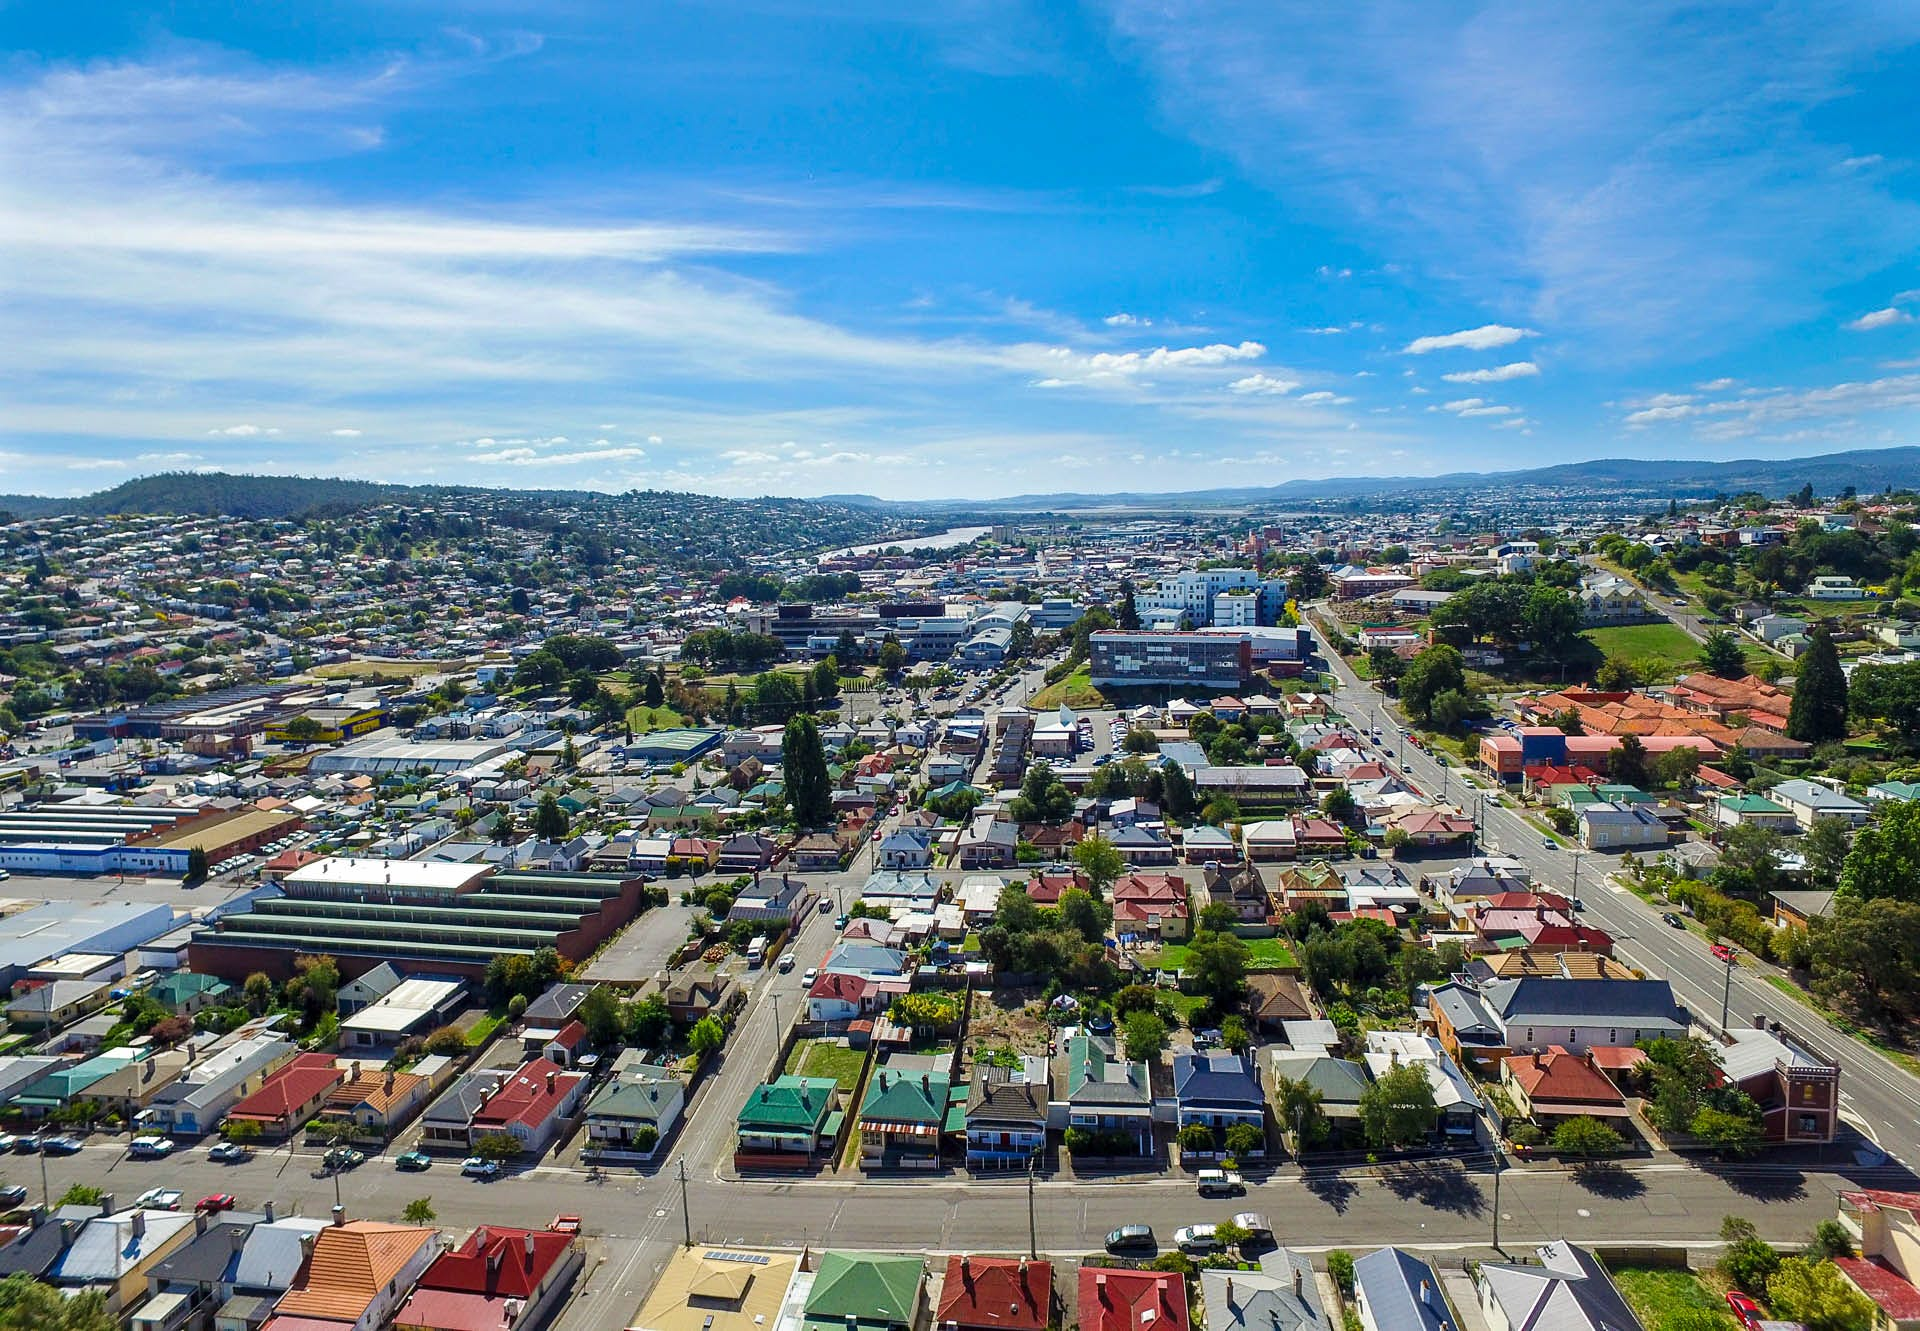 Aerial view Launceston